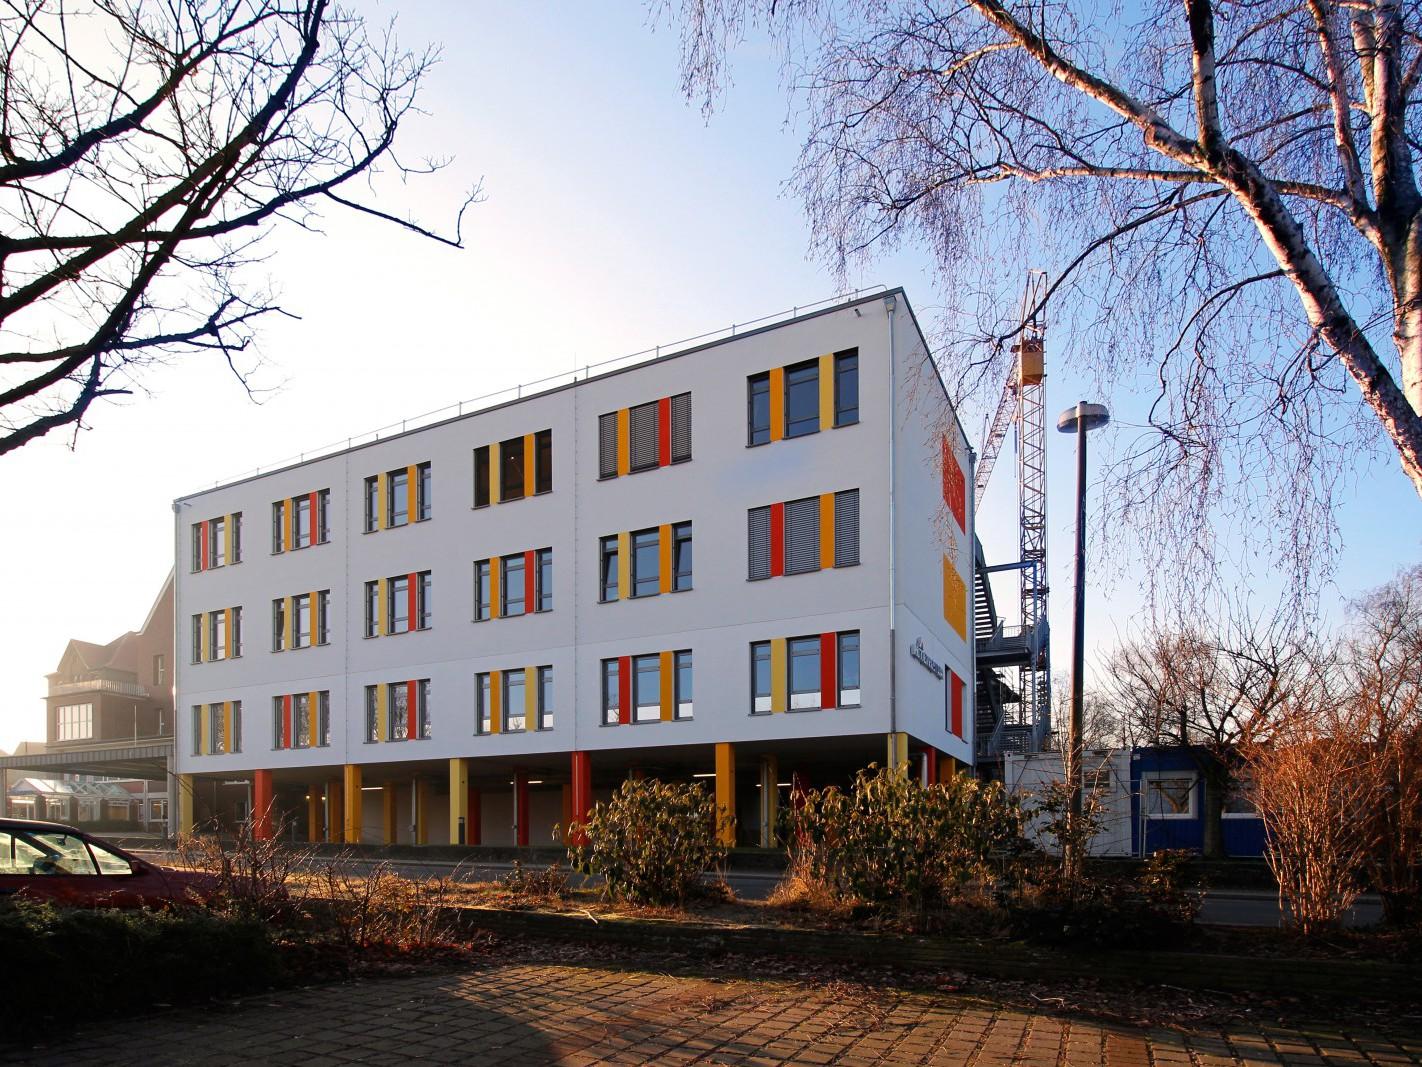 Hüttenhospital Do_Aufstockung Ansicht 1